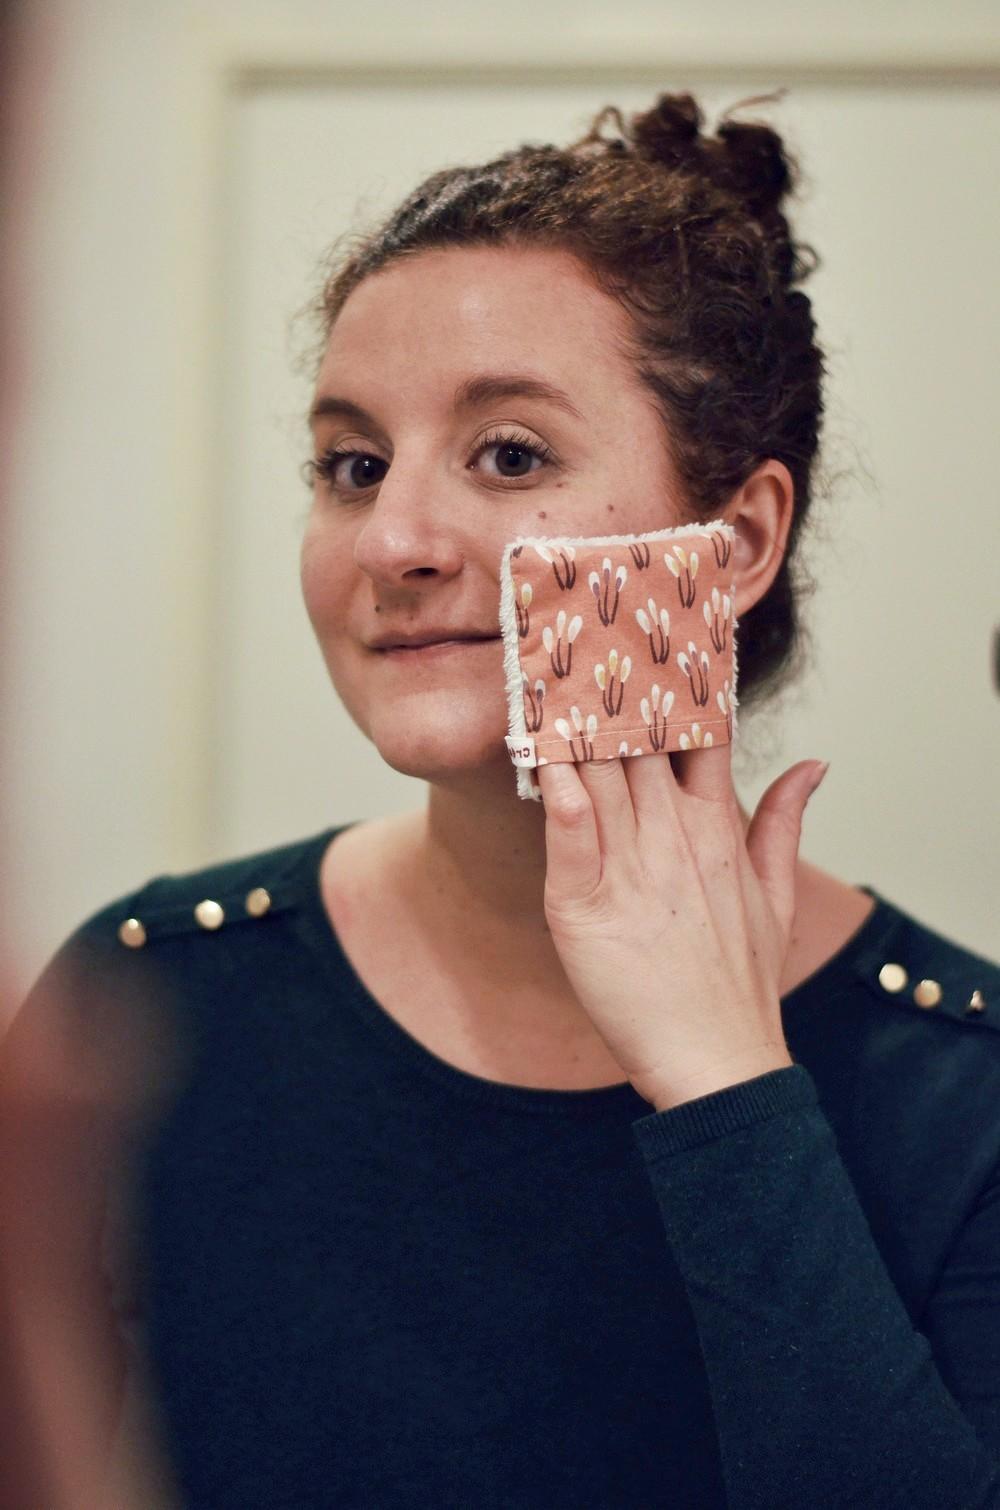 femme se lavant le visage avec un coton lavable devant un miroir